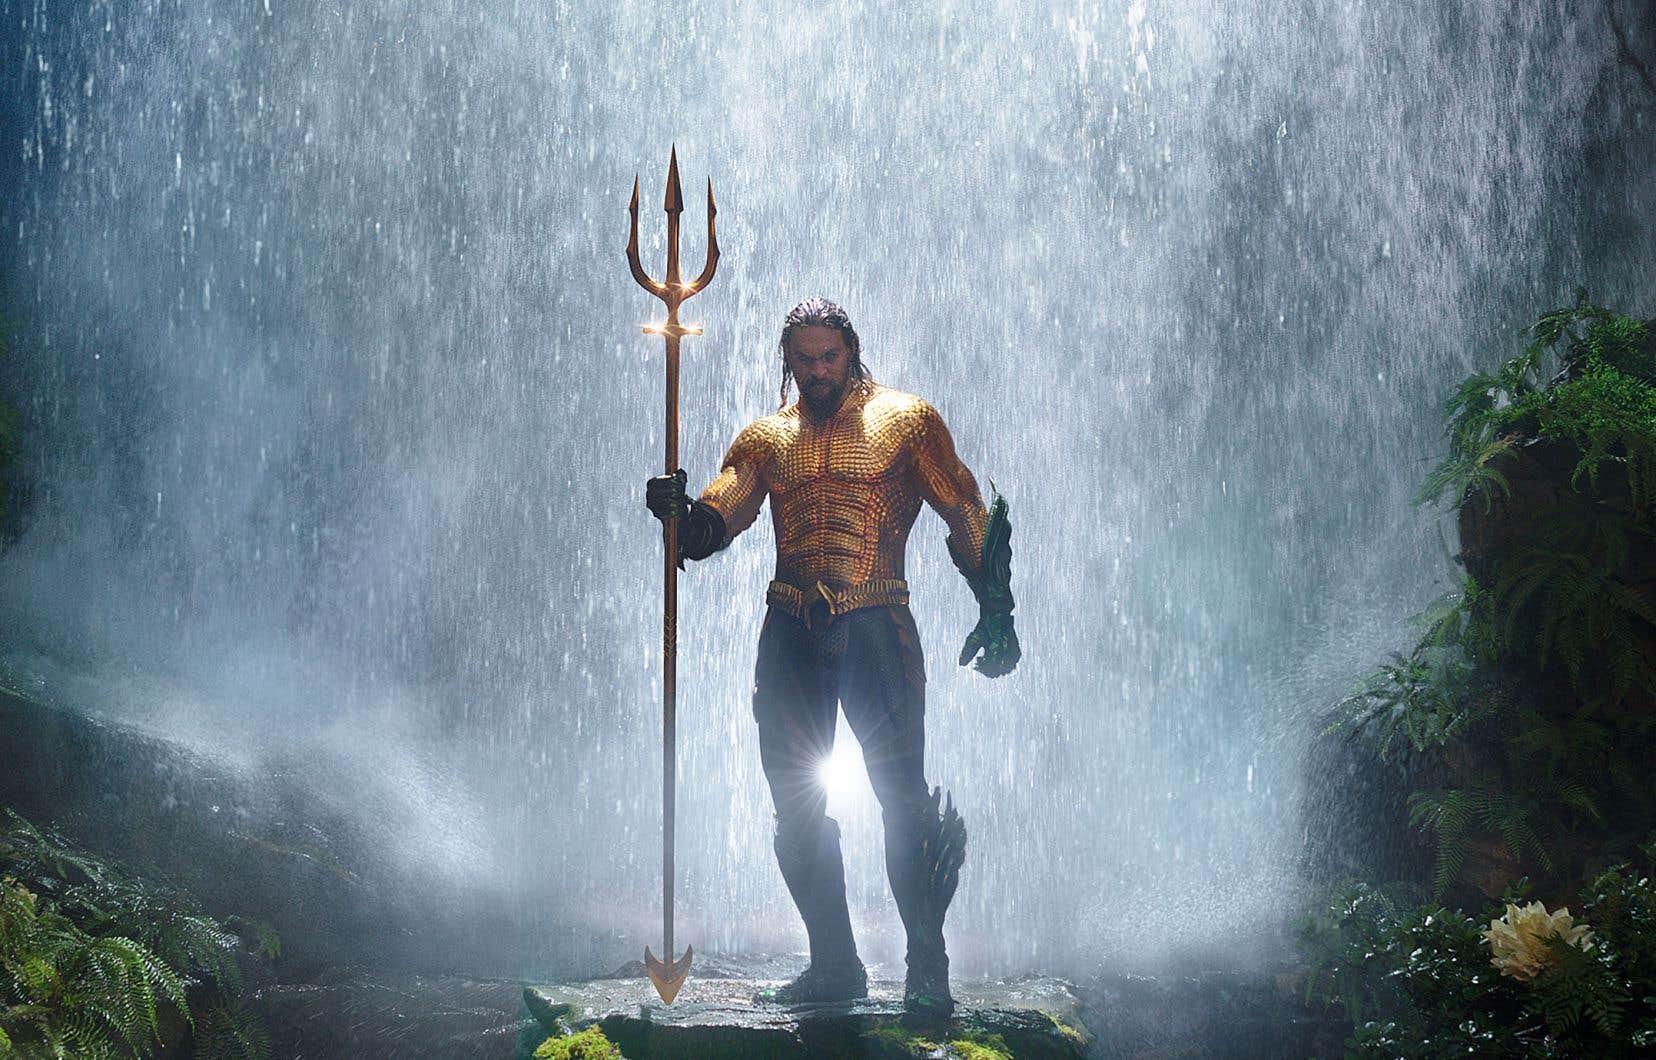 Aquaman, interprété par Jason Momoa, doit retrouver un trident magique.